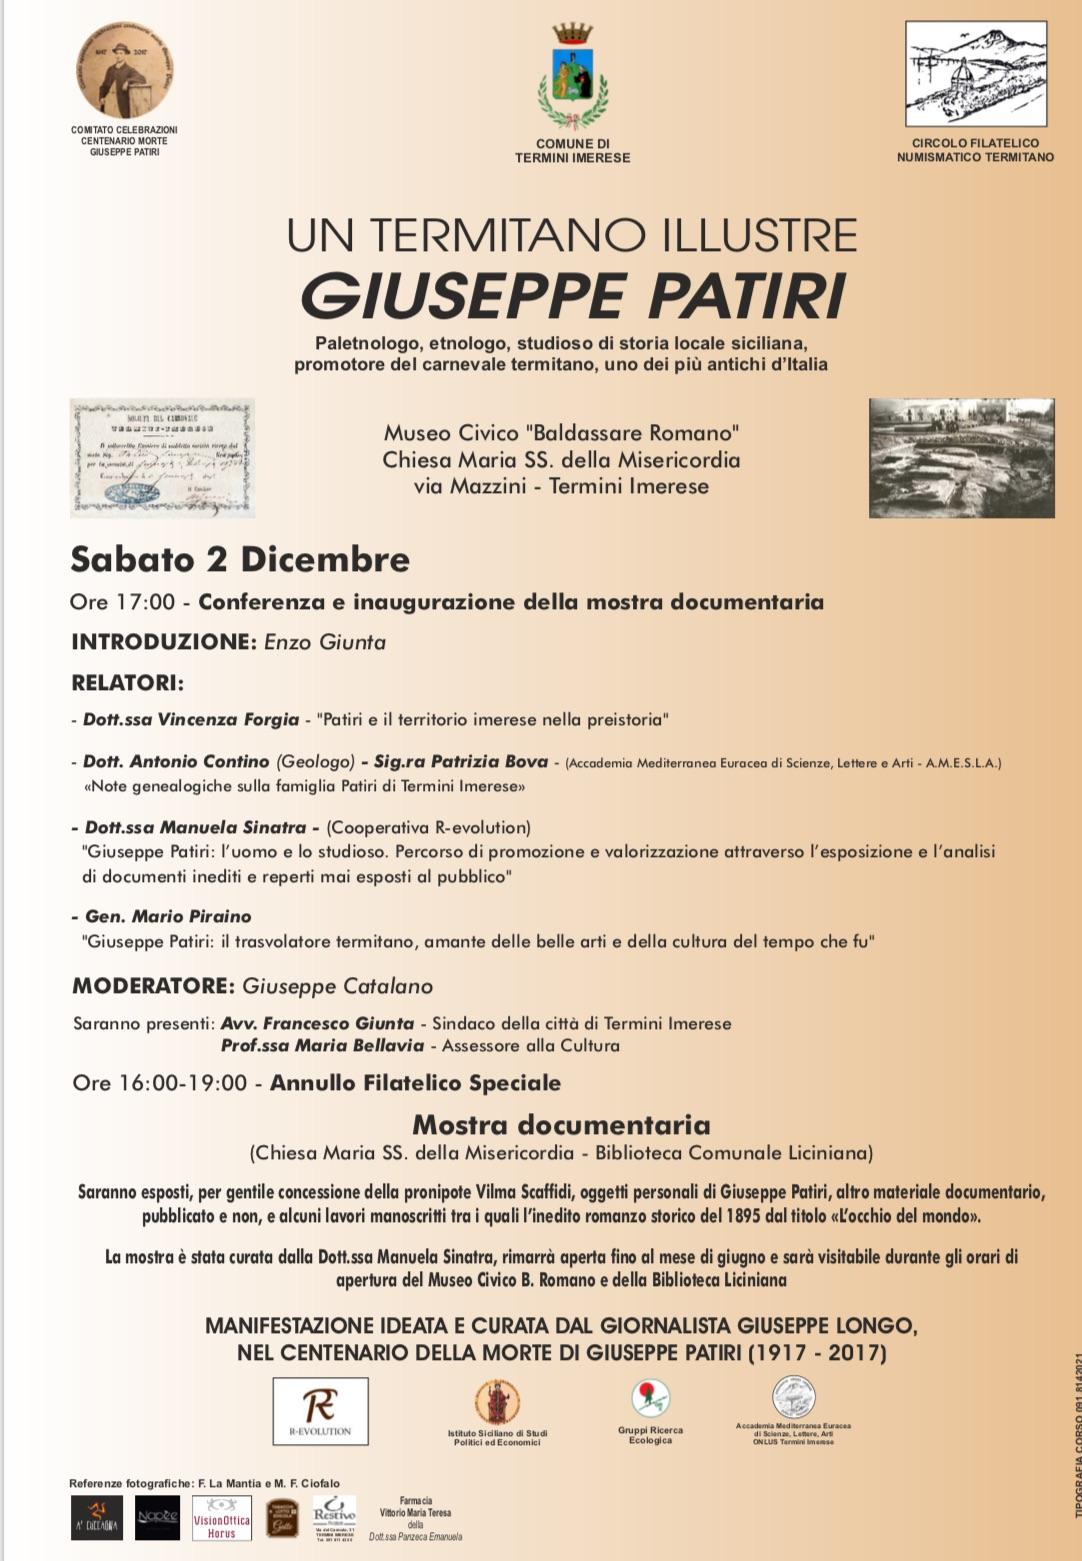 Centenario morte Giuseppe Patiri